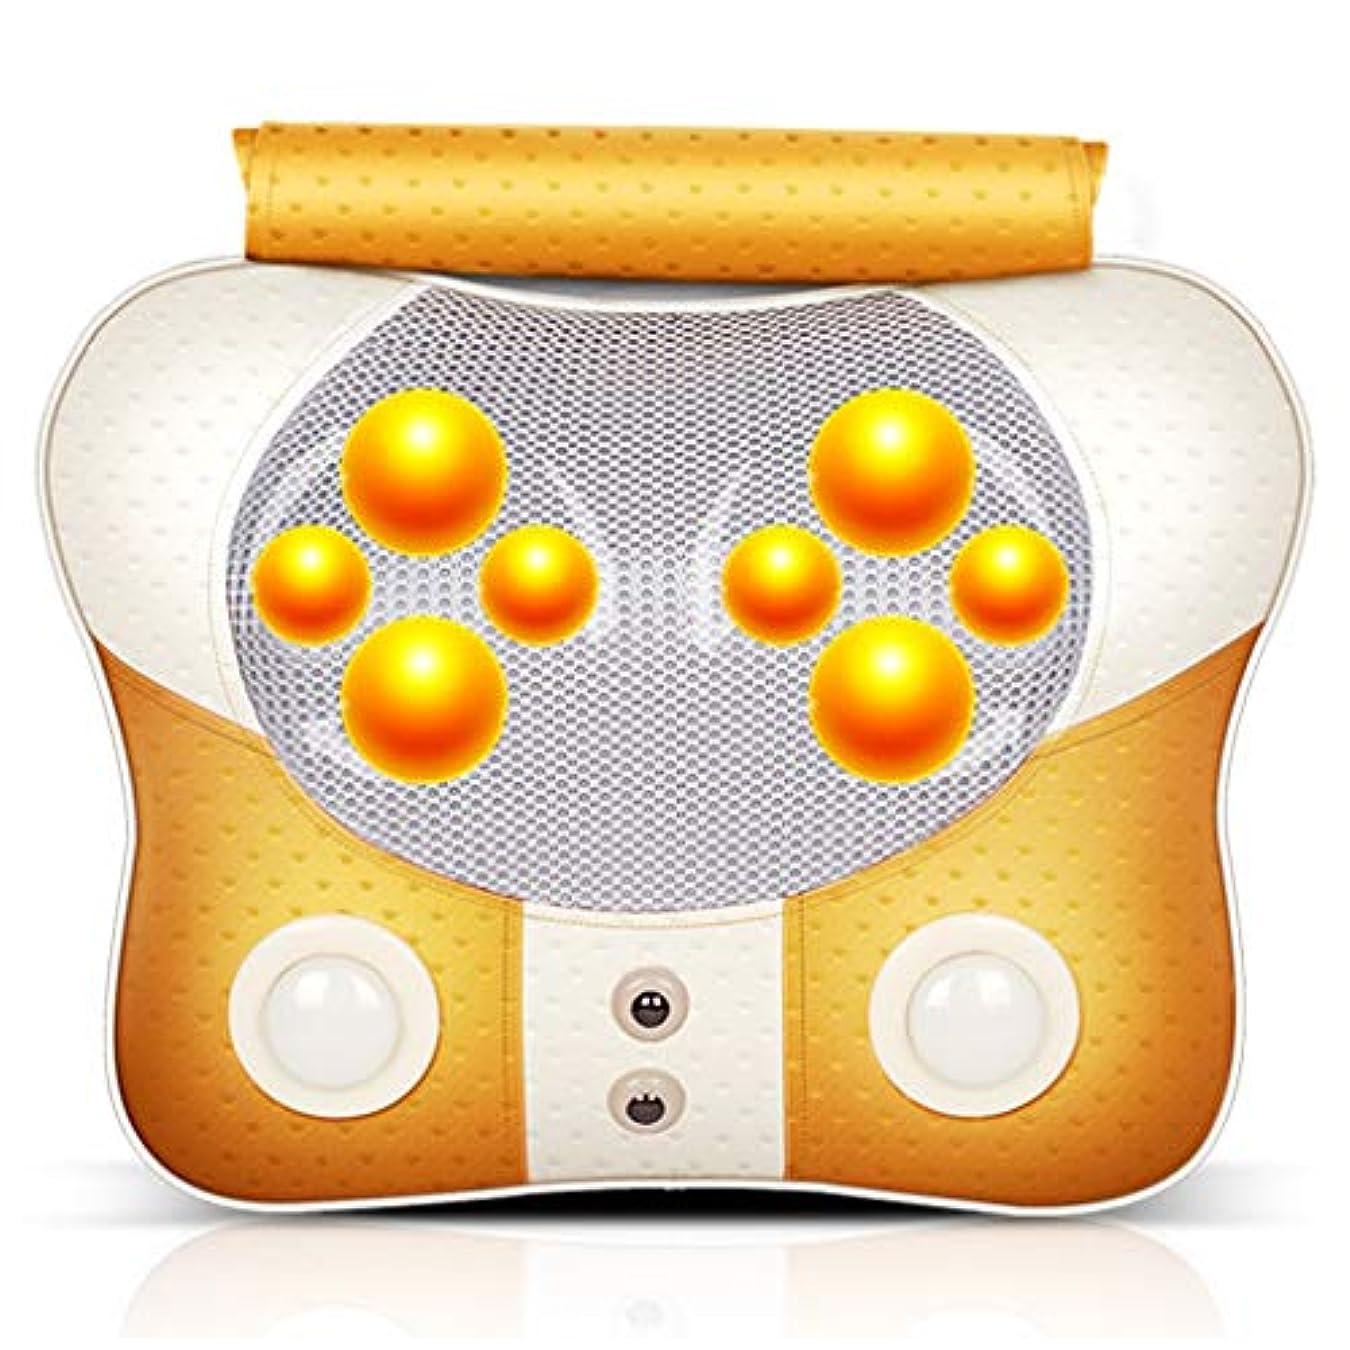 ベッドを作る情熱的将来のマッサージ電気の 加熱された 多目的 ネック 指圧 マッサージ 杭打ち ウエスト マッサージャー 子宮頸椎 マッサージピロー 全身 マッサージ クッション。 MAG.AL,イエロー